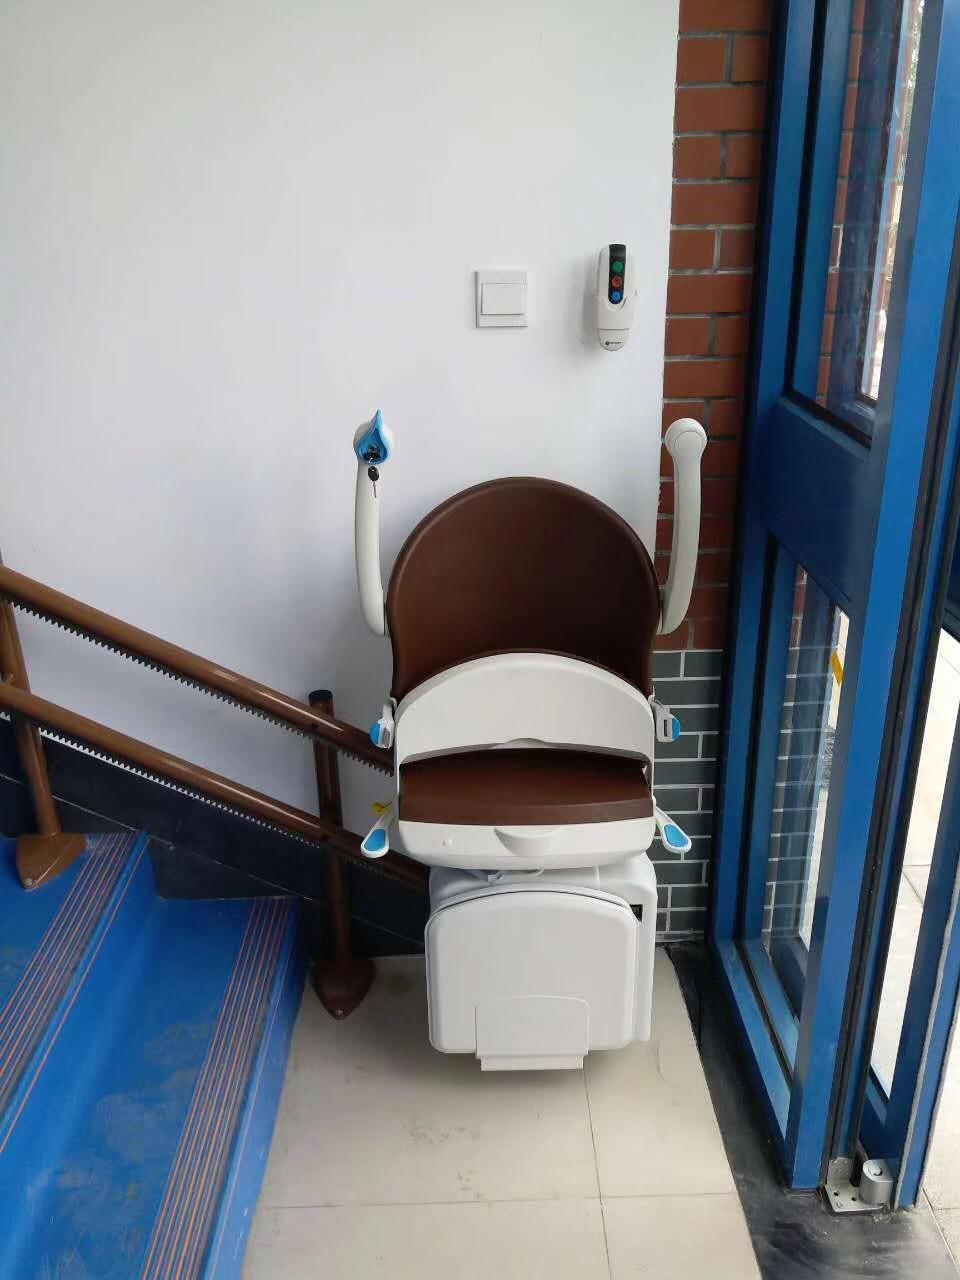 直轨座椅电梯